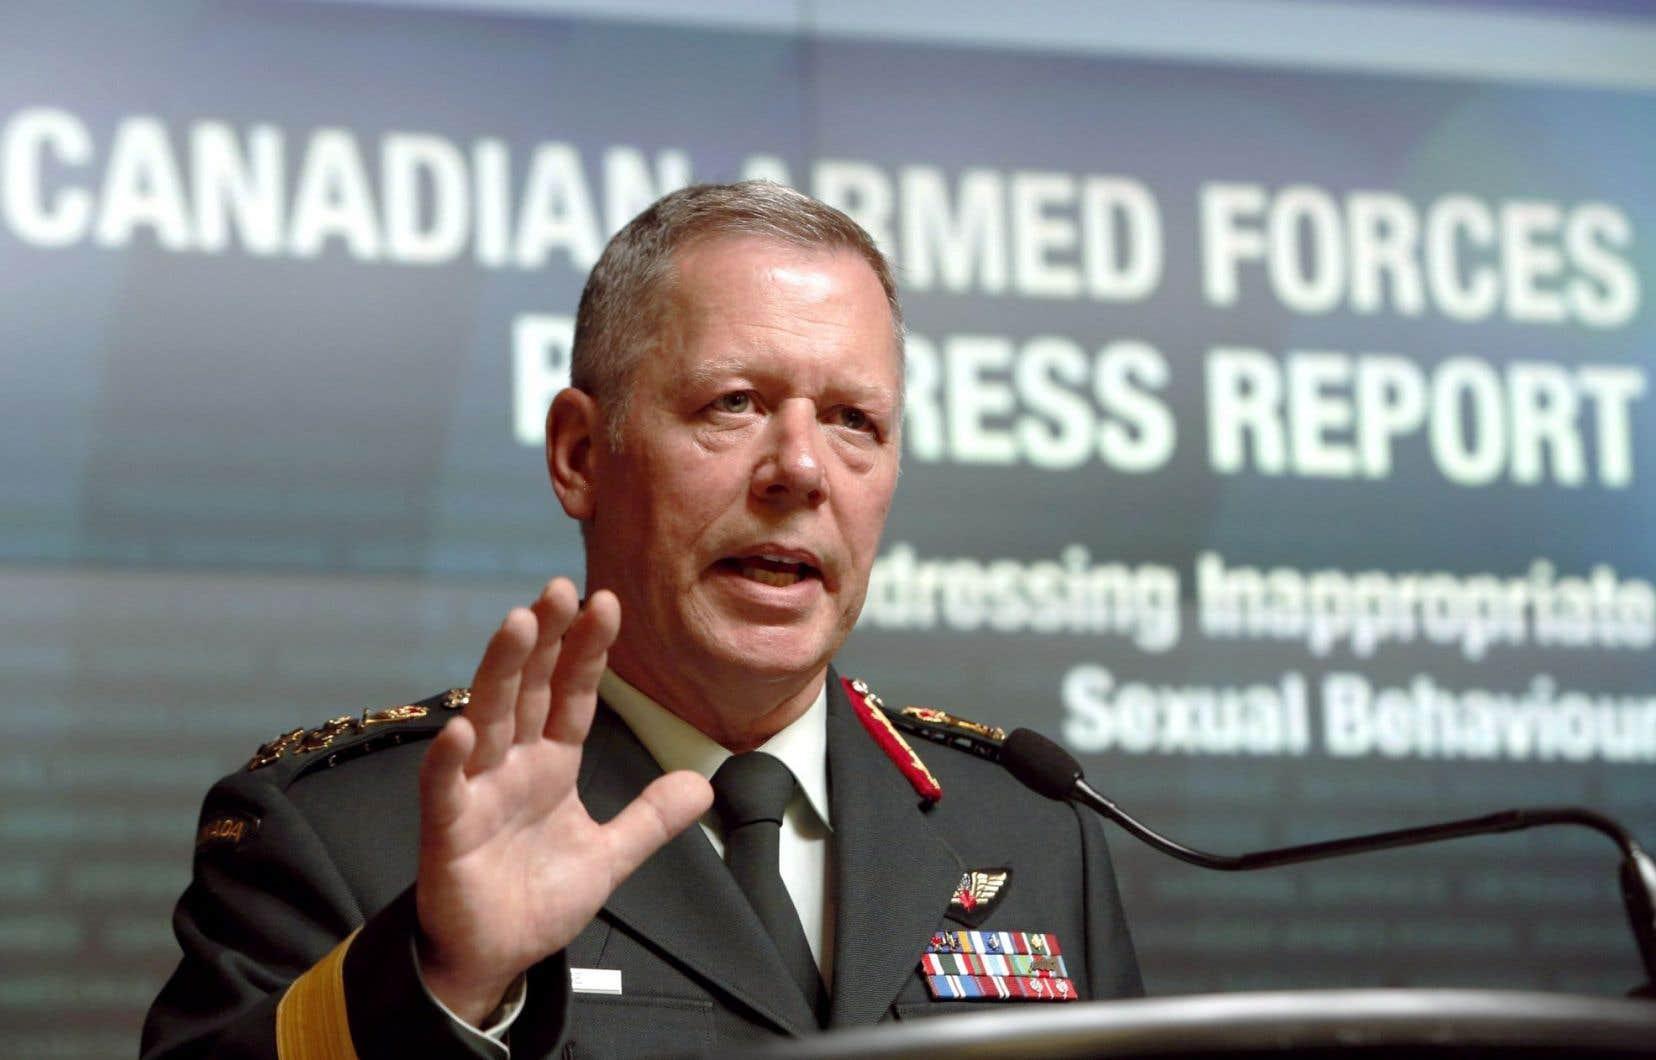 Le chef d'état-major de la défense, Jonathan Vance, s'est réjoui mardi des améliorations enregistrées, tout en admettant que beaucoup de travail restait à accomplir.